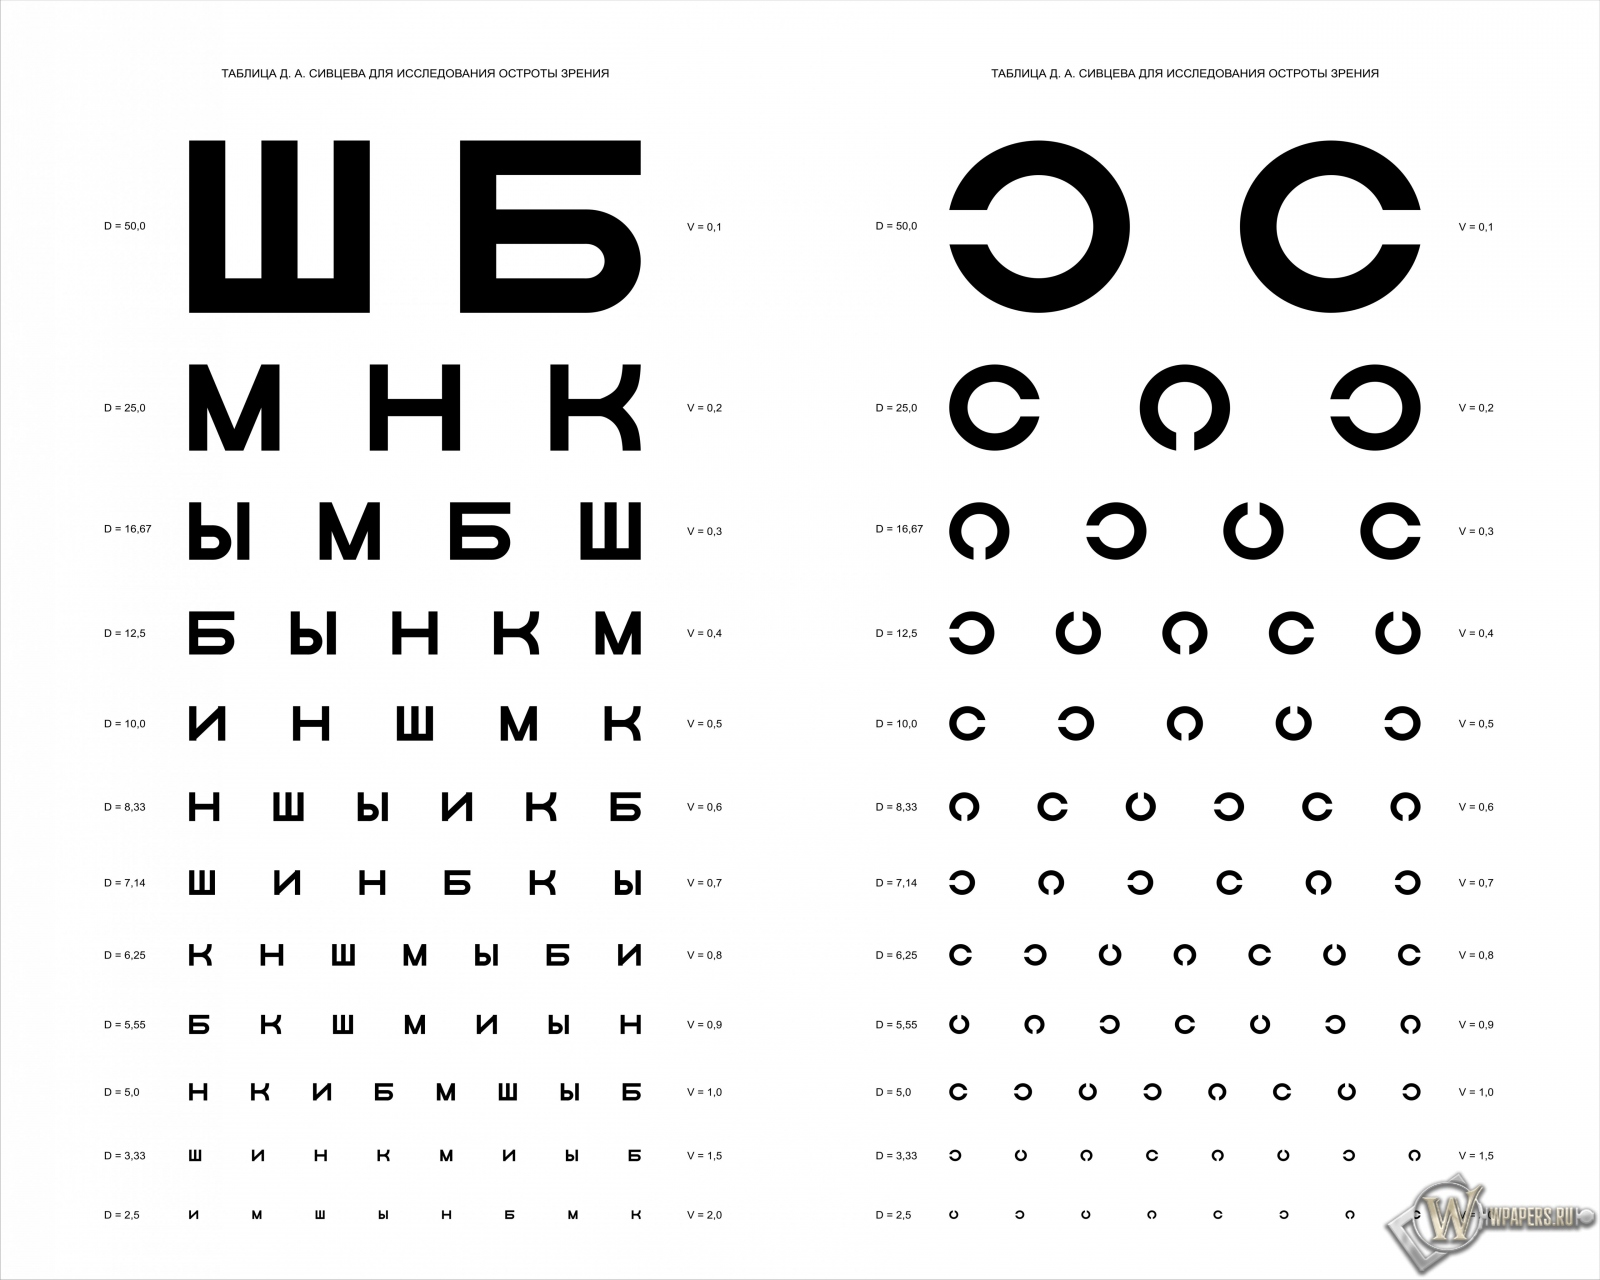 Таблица Д.А. Сивцева для проверки зрения 1600x1280